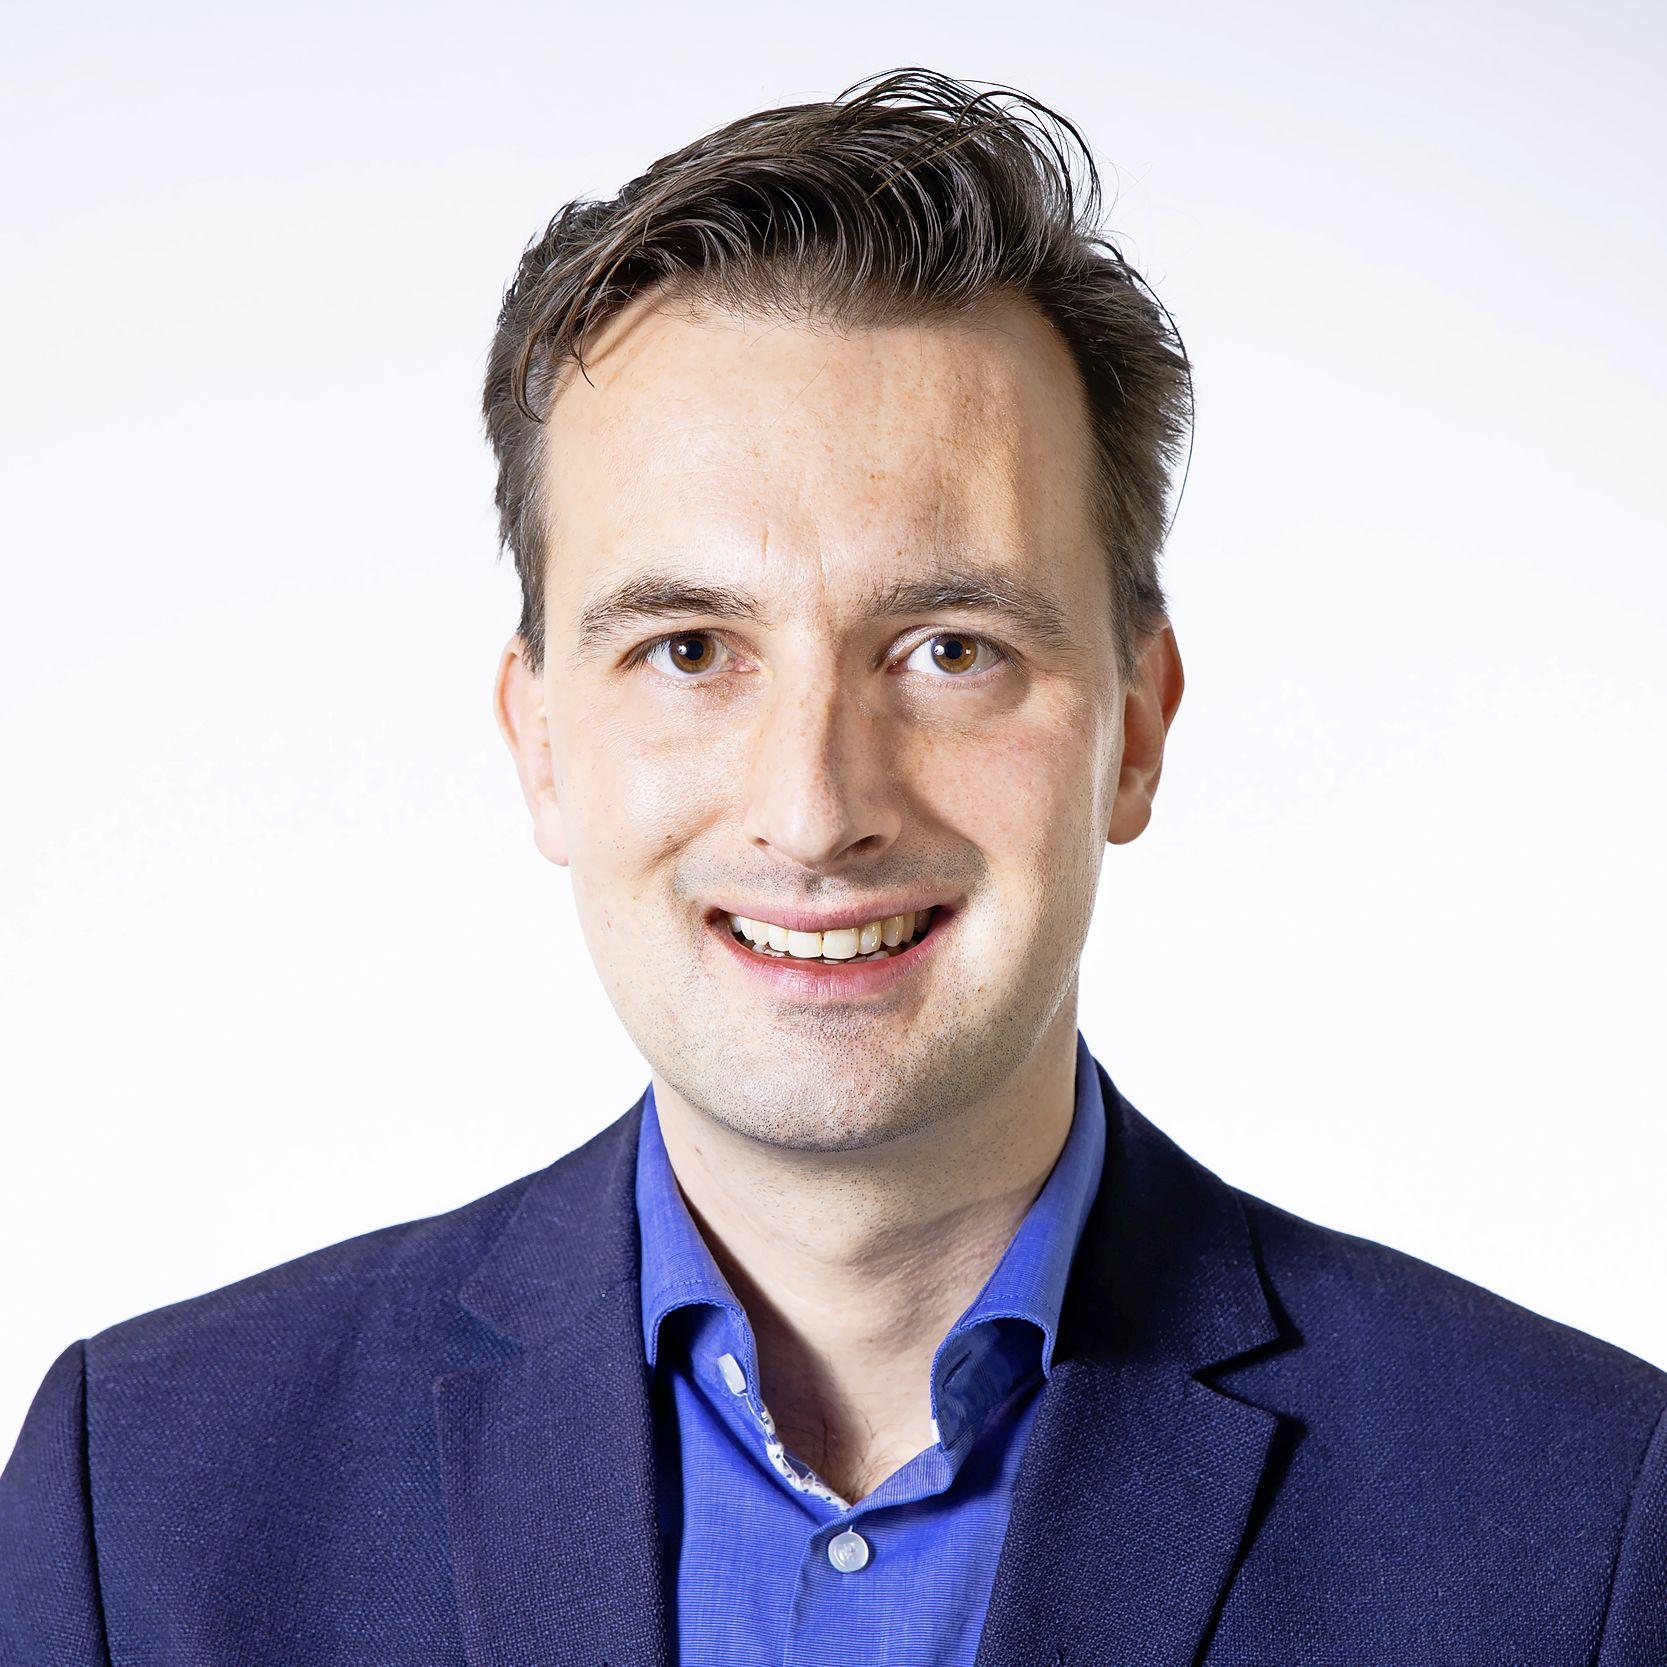 Drie vragen aan Tweede Kamer-kandidaat Jan Klink (VVD): 'Zou graag een brug willen slaan tussen Den Haag en Gooi en Vecht'